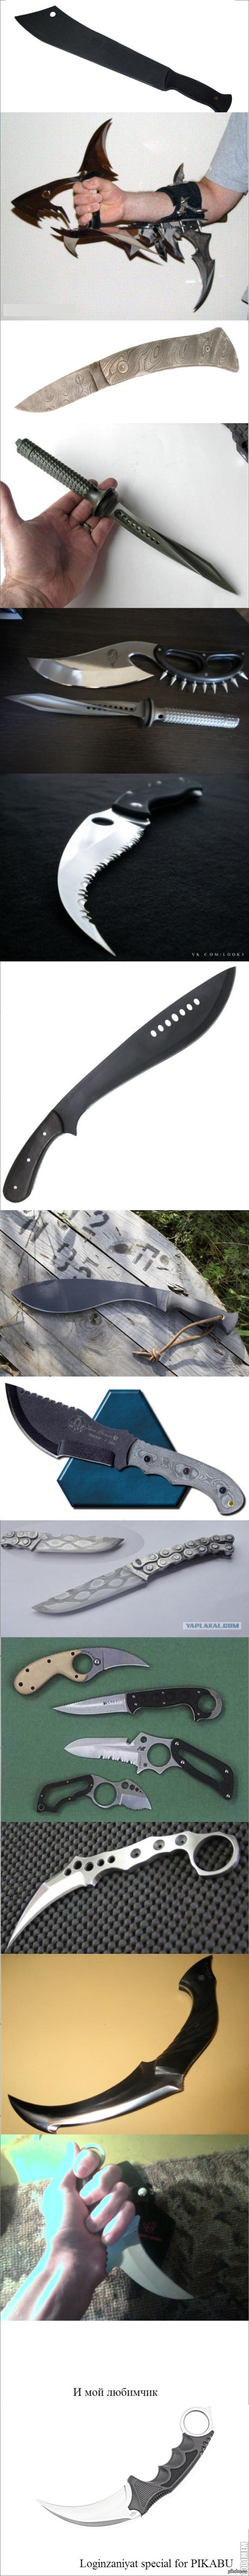 Немного экзотических ножей (чуточку длиннопост)